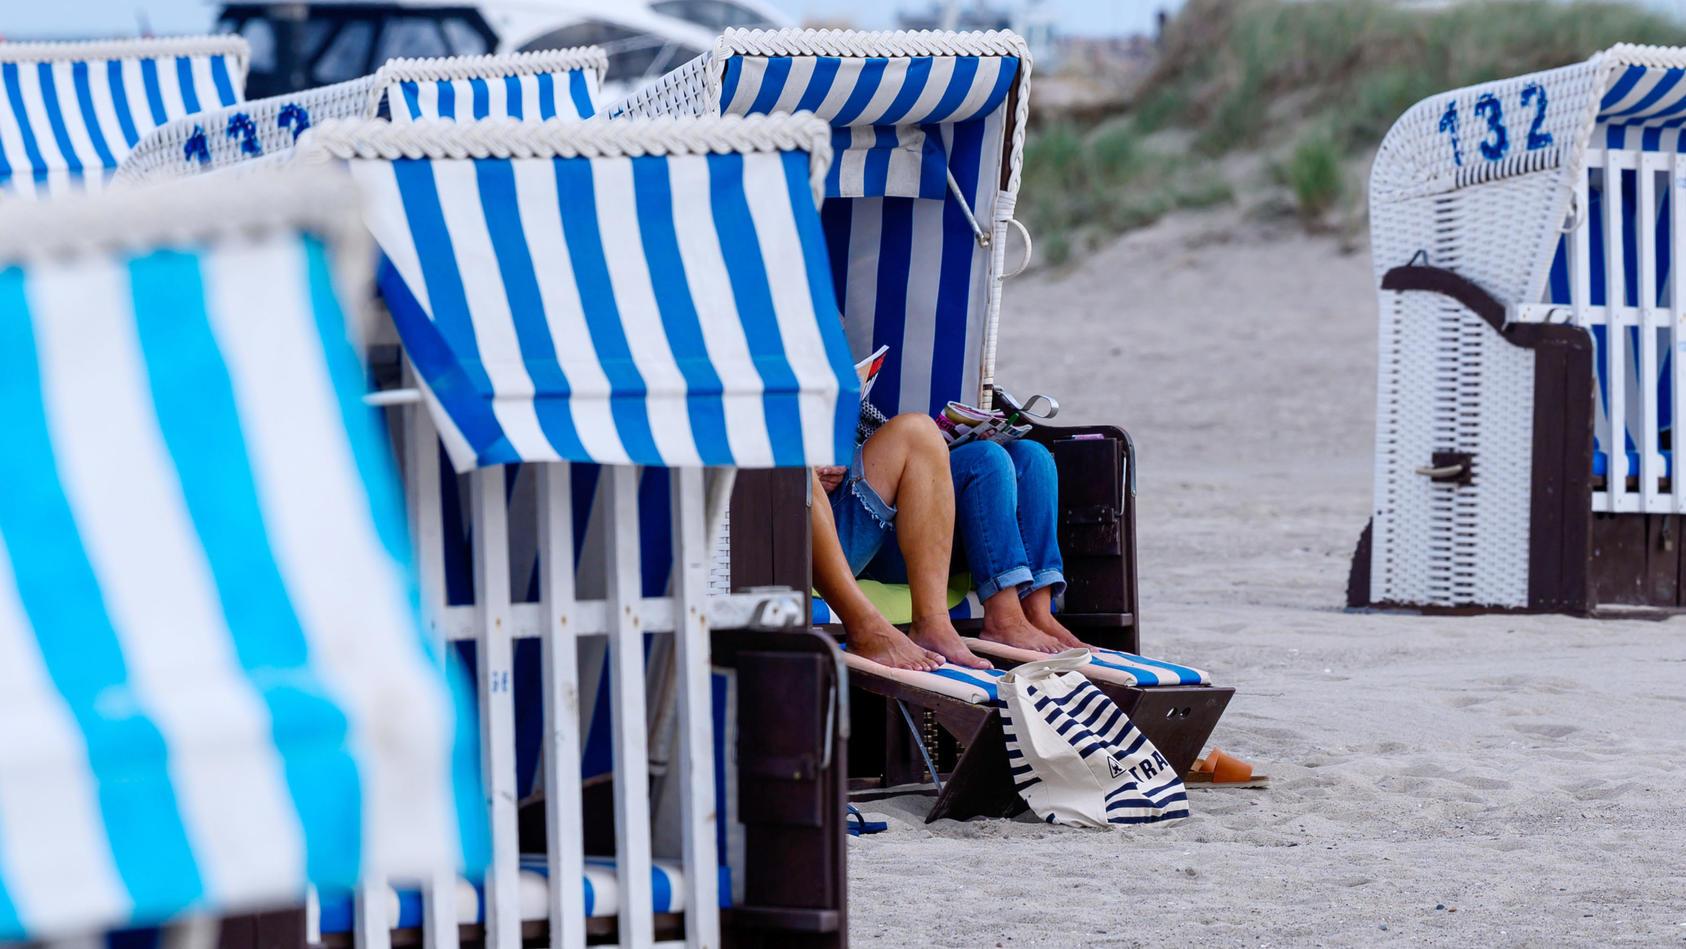 Urlaub am Meer: An der Ostsee soll das ab Ende Mai wieder möglich sein.